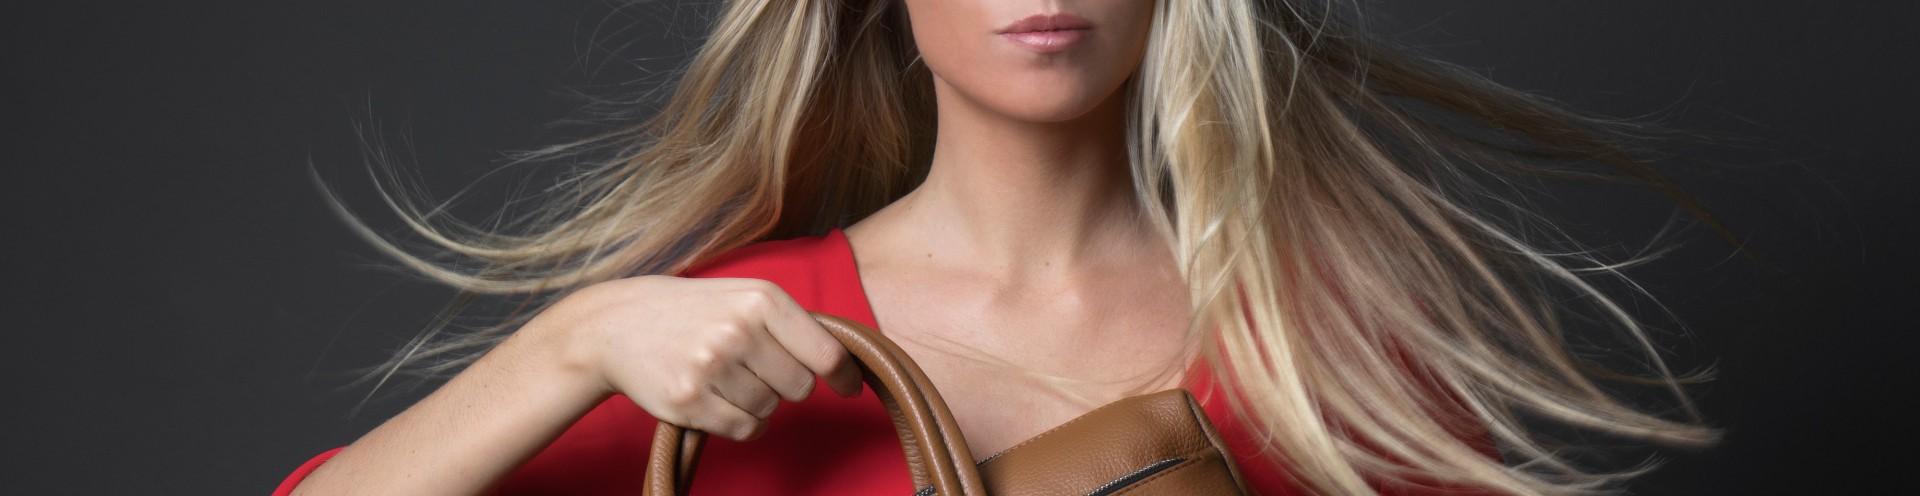 Mochilas, Bolsos y Accesorios para Mujer